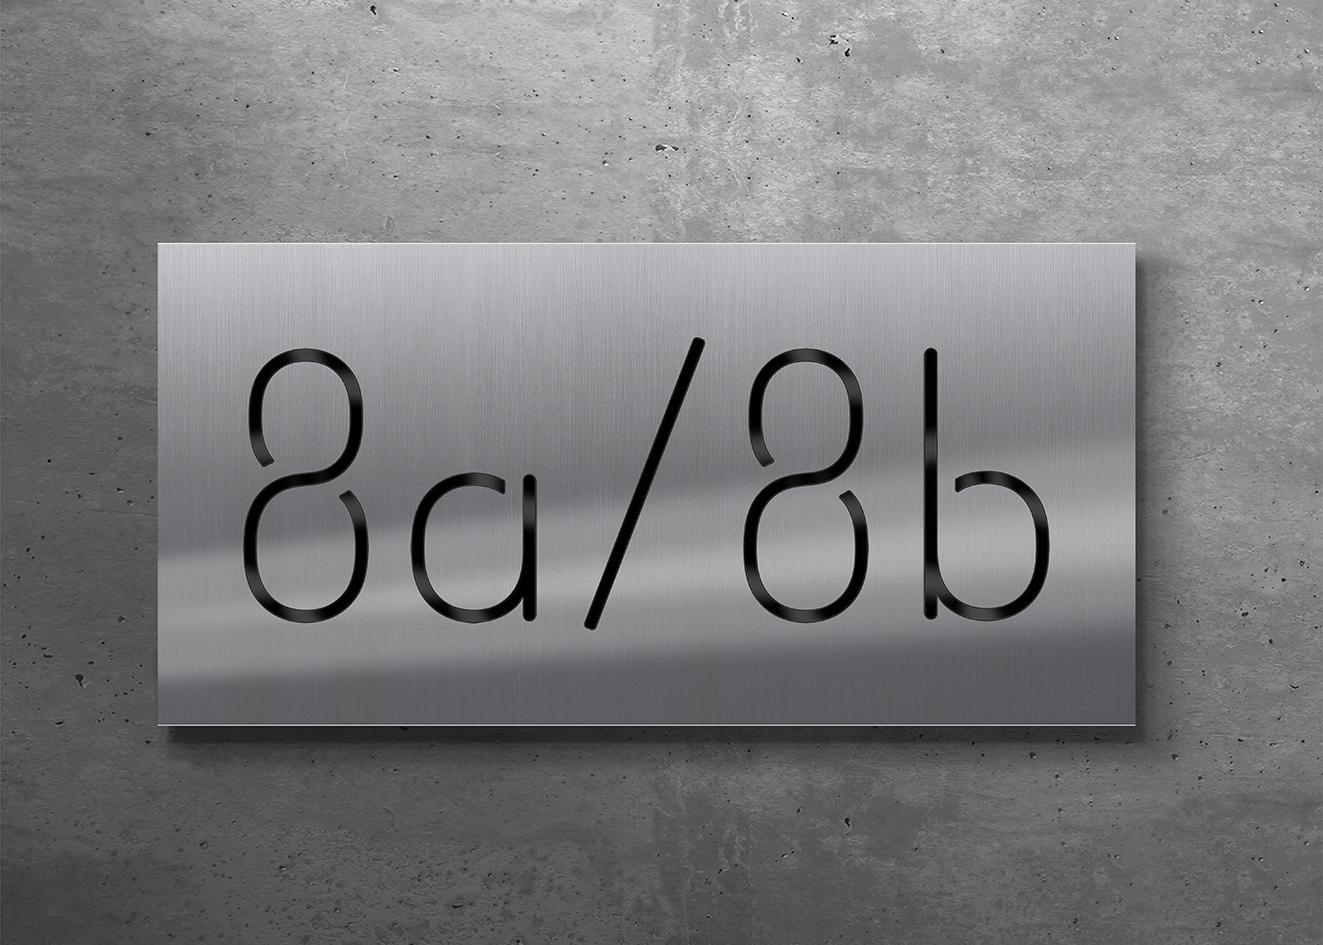 Das neue Spezialglas: tagsüber sind die Ziffern schwarz kontrastiert ...